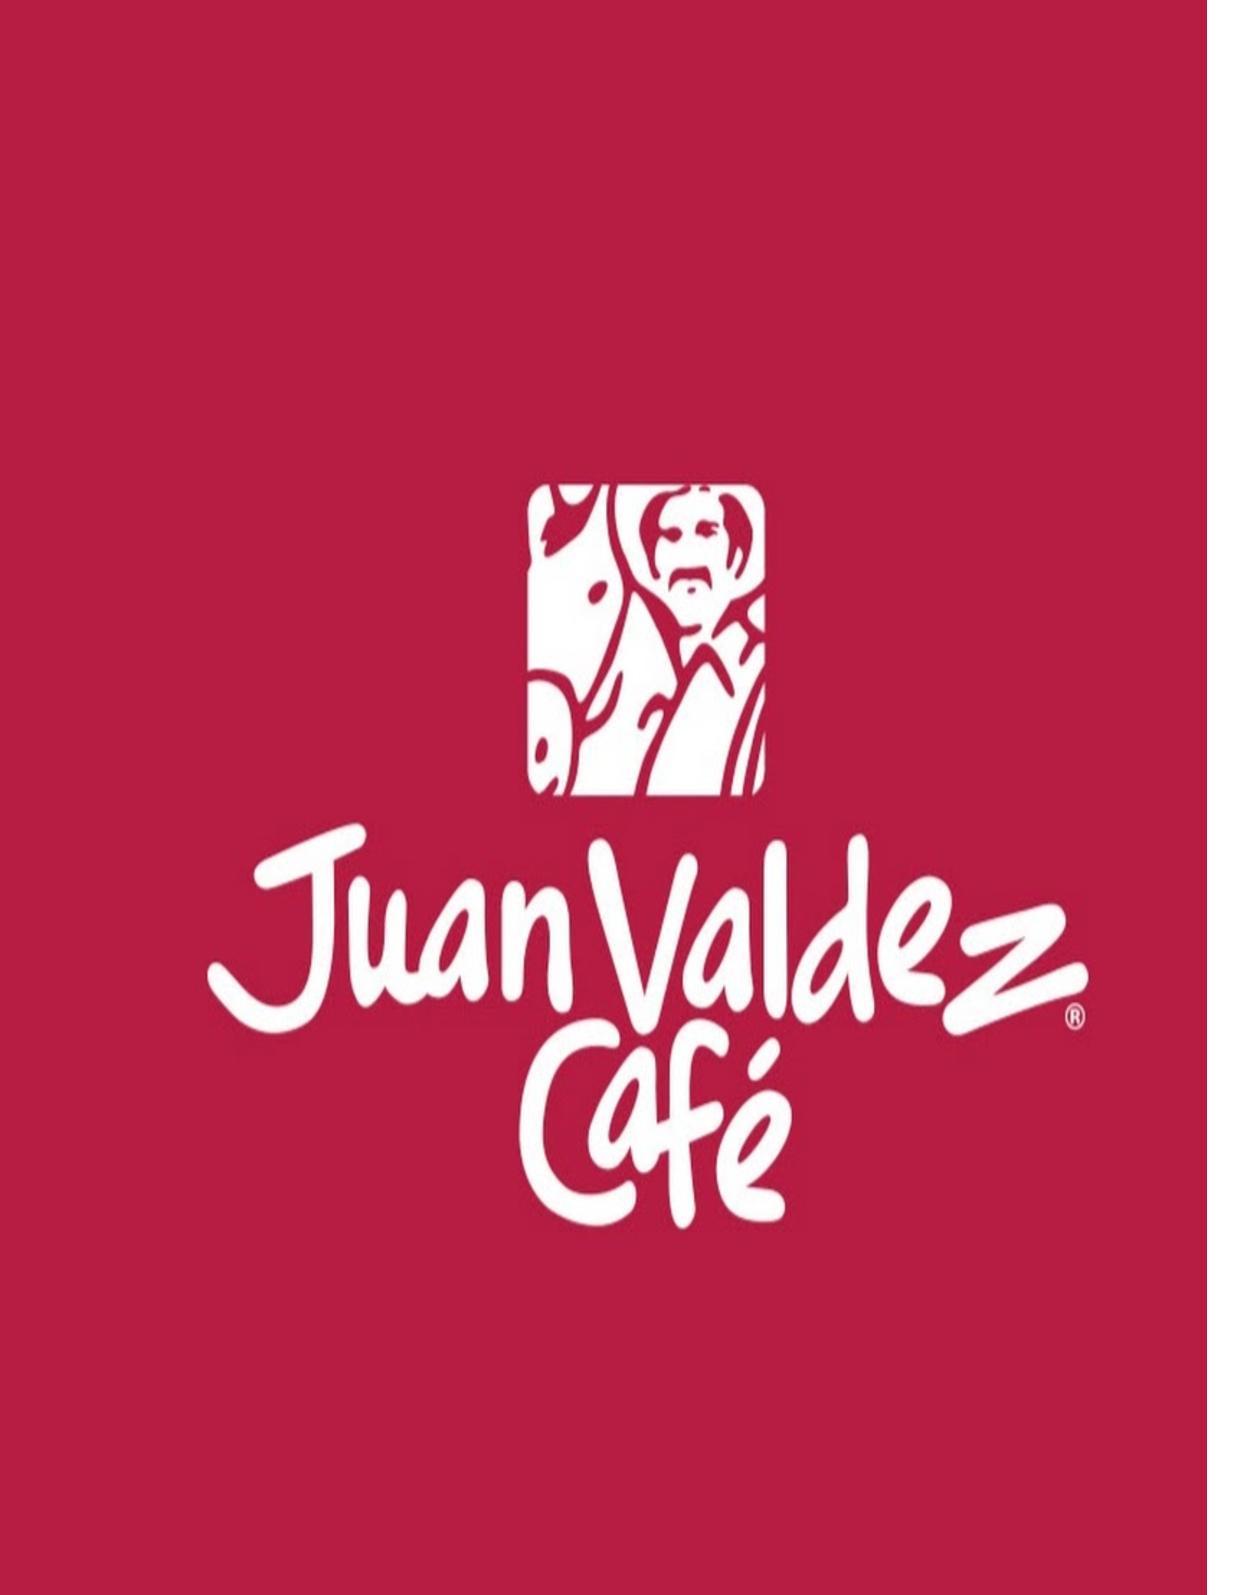 Cartilla didáctica - Juan Valdez Café.